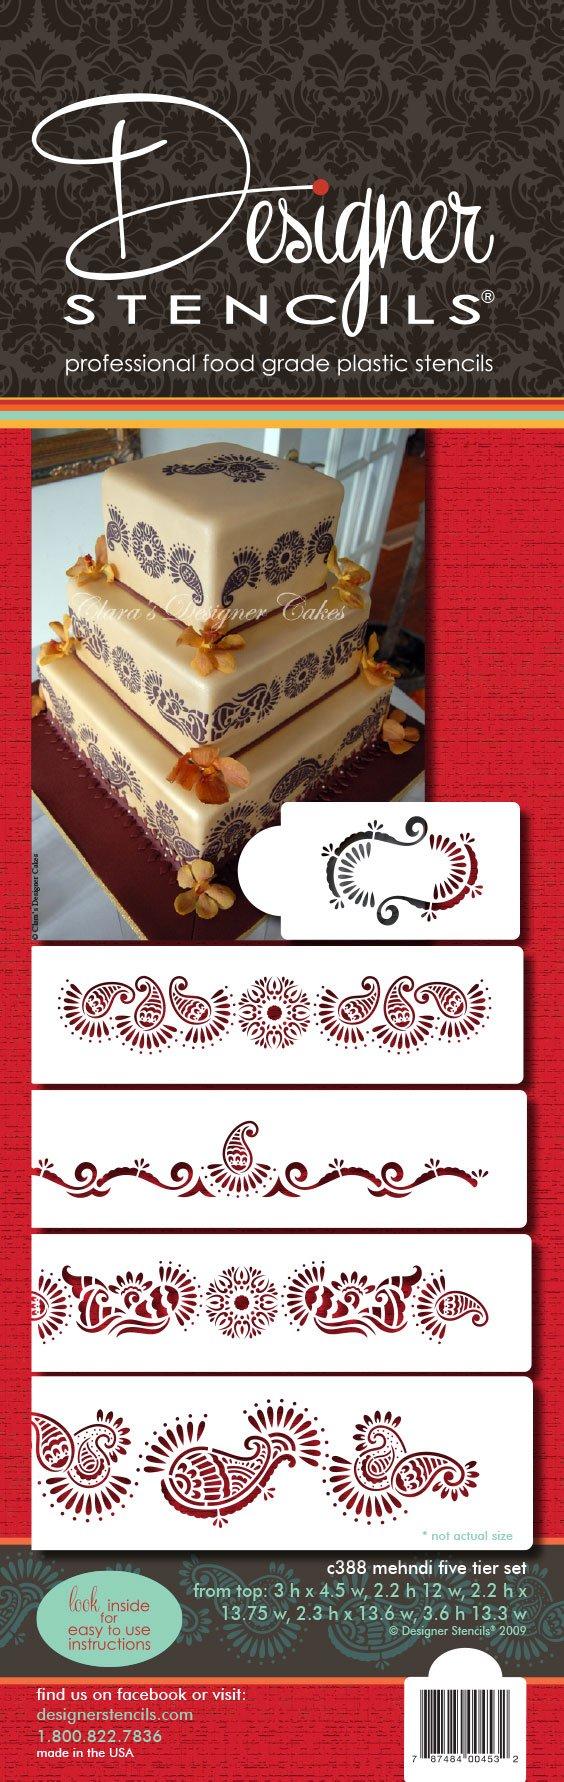 Designer Stencils C388 Mehndi Cake 5 Tier Set Cake Stencils, Beige/semi-transparent by Designer Stencils (Image #4)